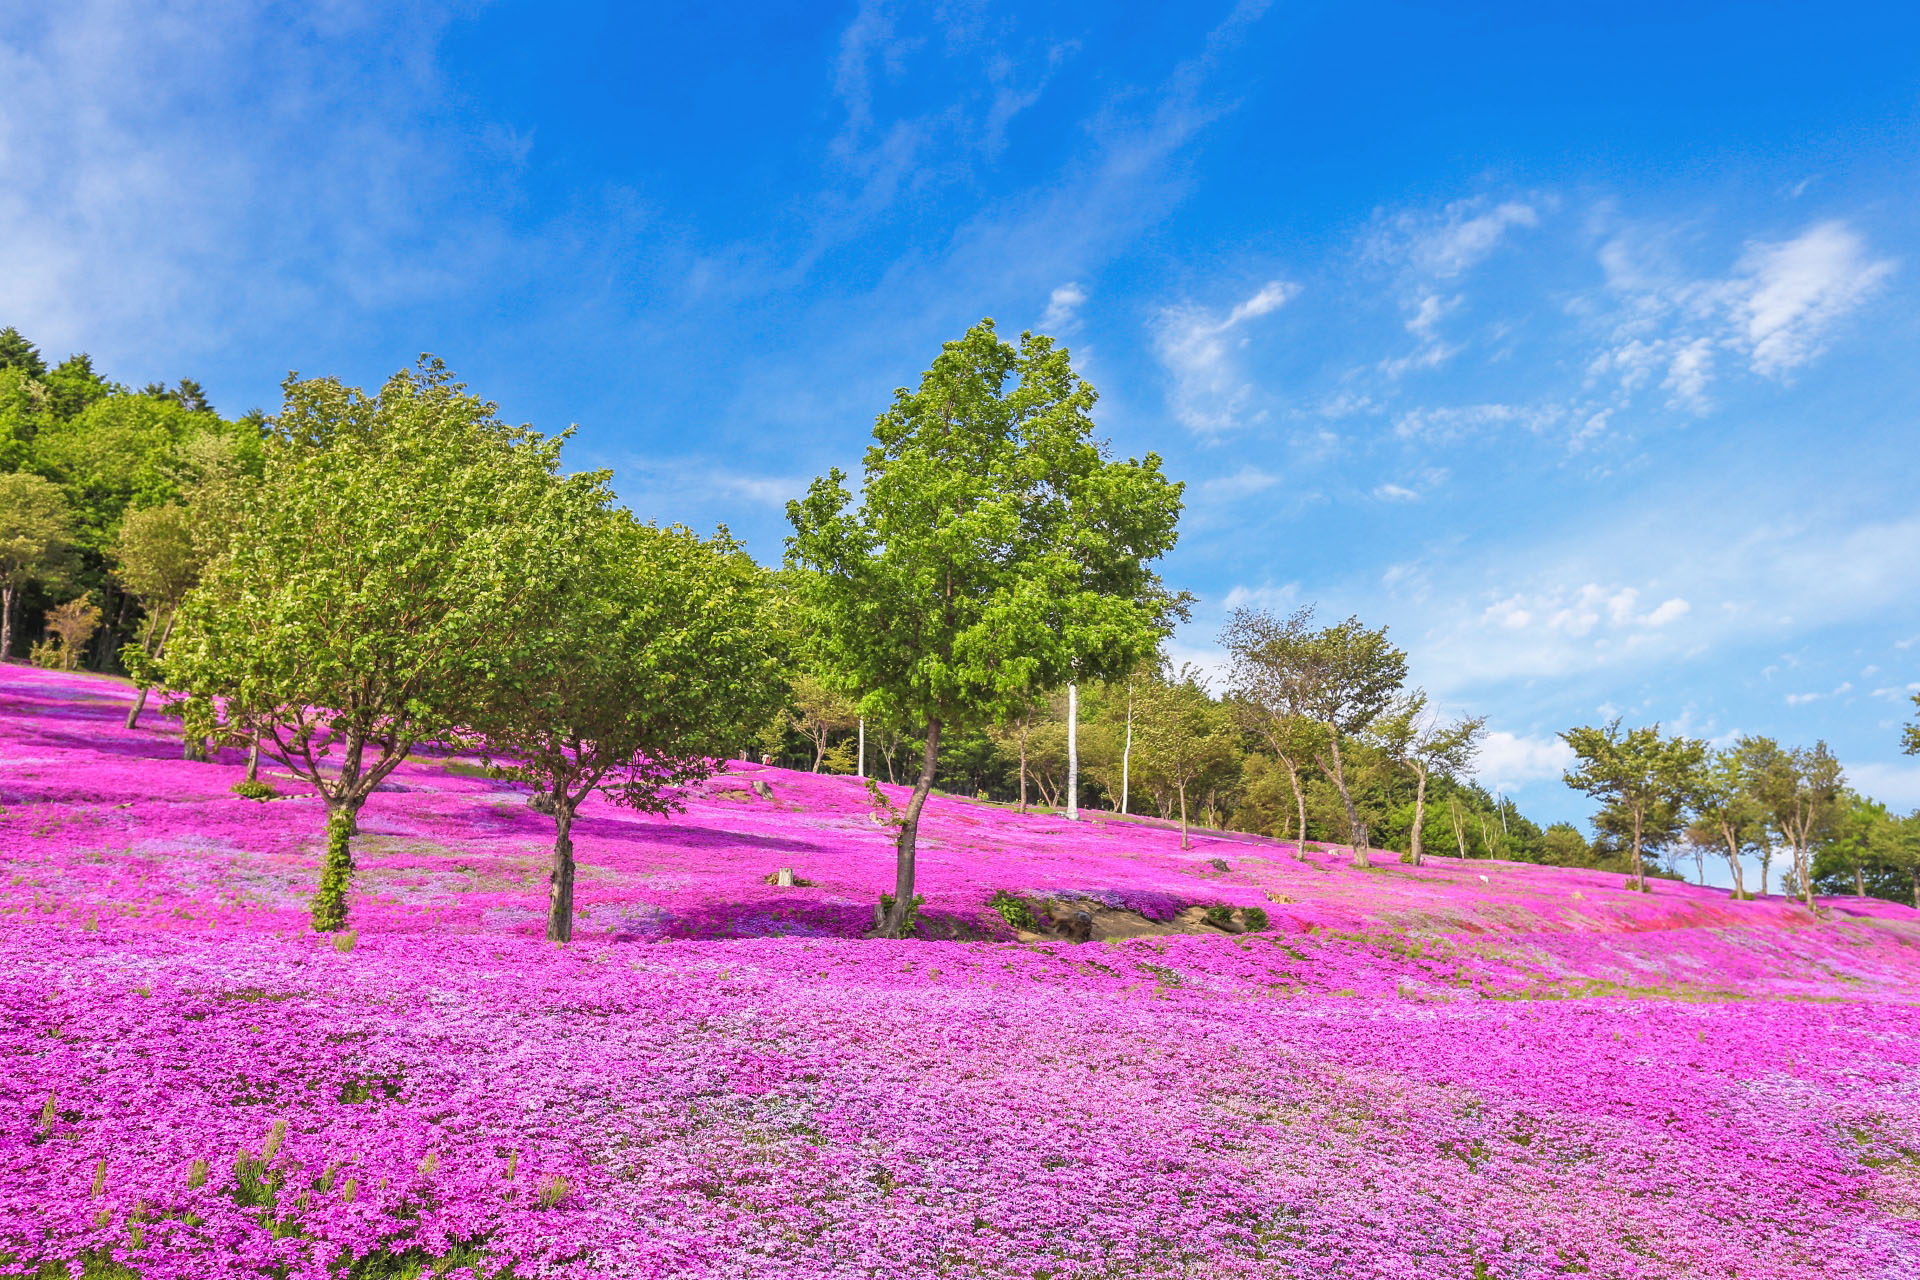 滝上の芝桜の風景 北海道の風景